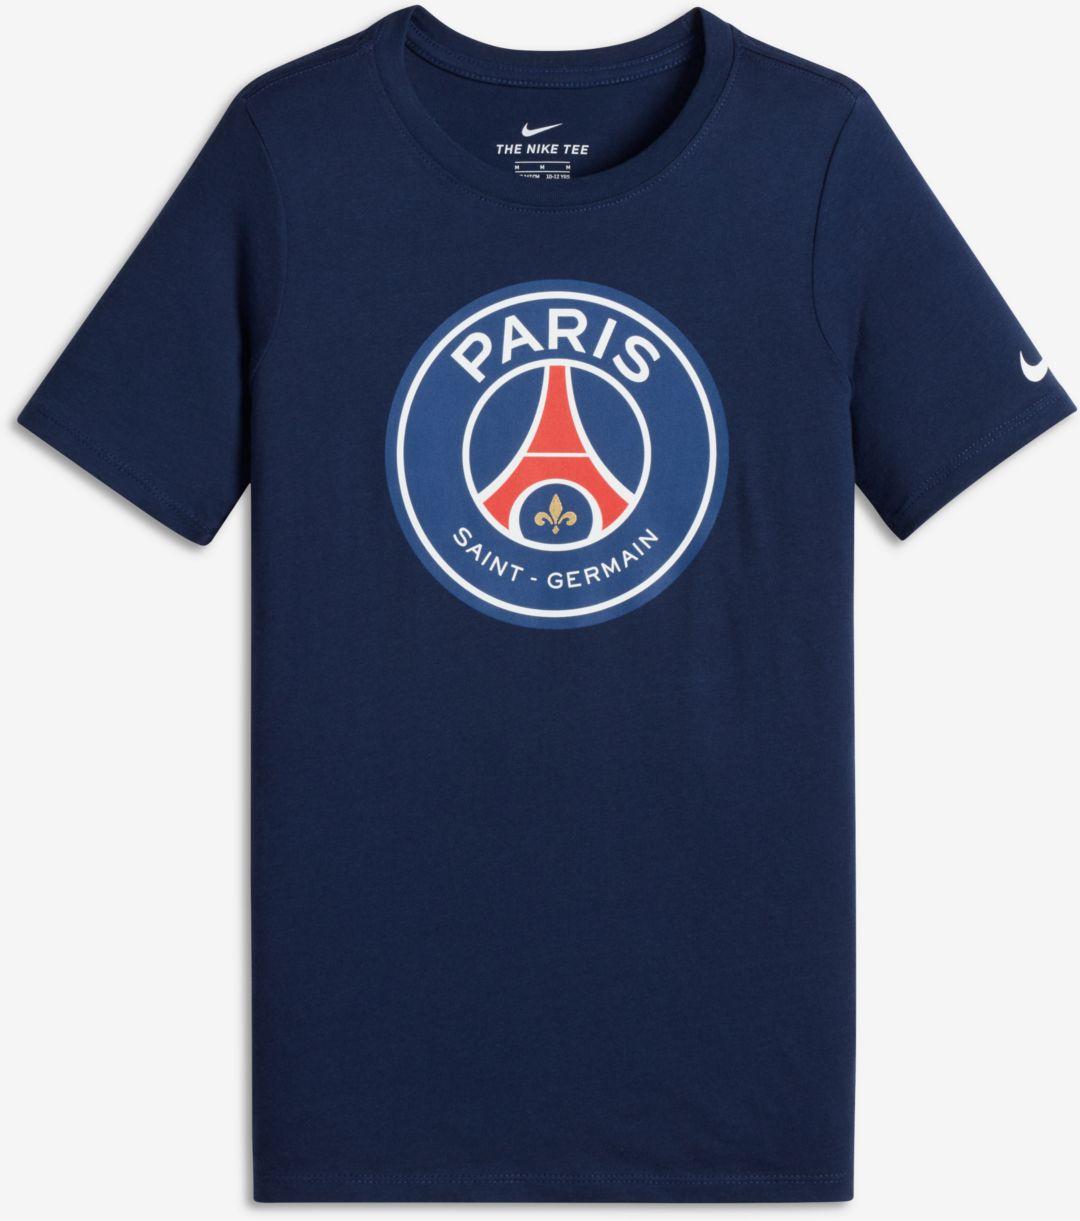 d2ce5a5d9 Nike Youth Paris Saint-Germain Navy Crest T-Shirt. noImageFound. Previous